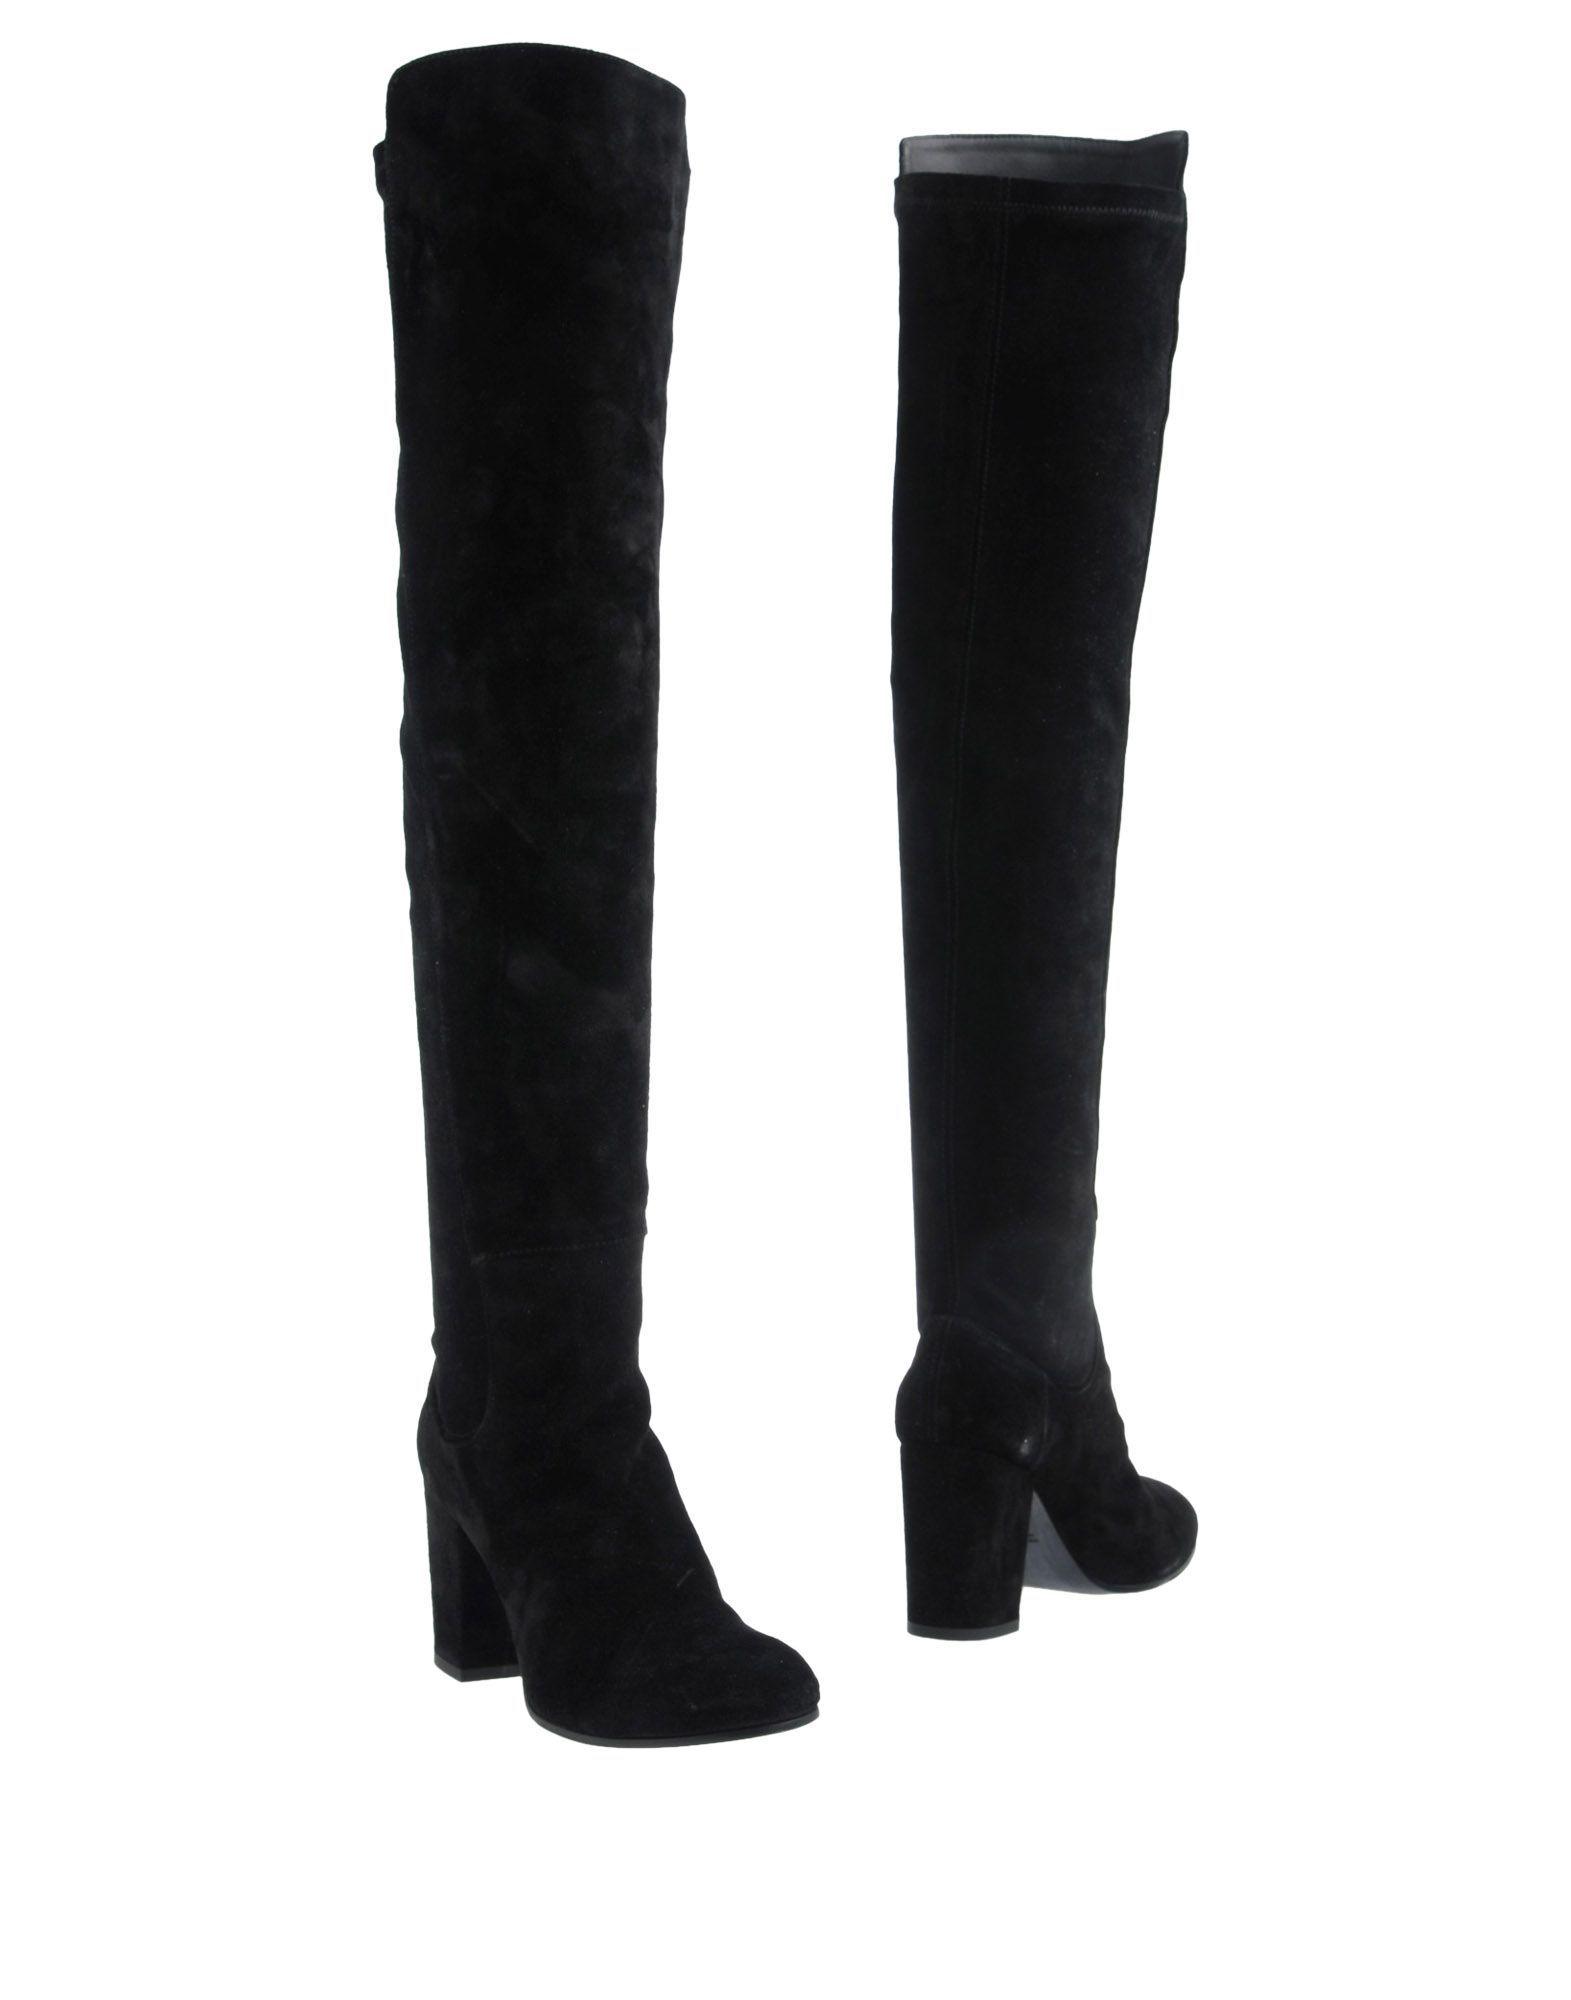 Lemaré Women's Boots Black Leather